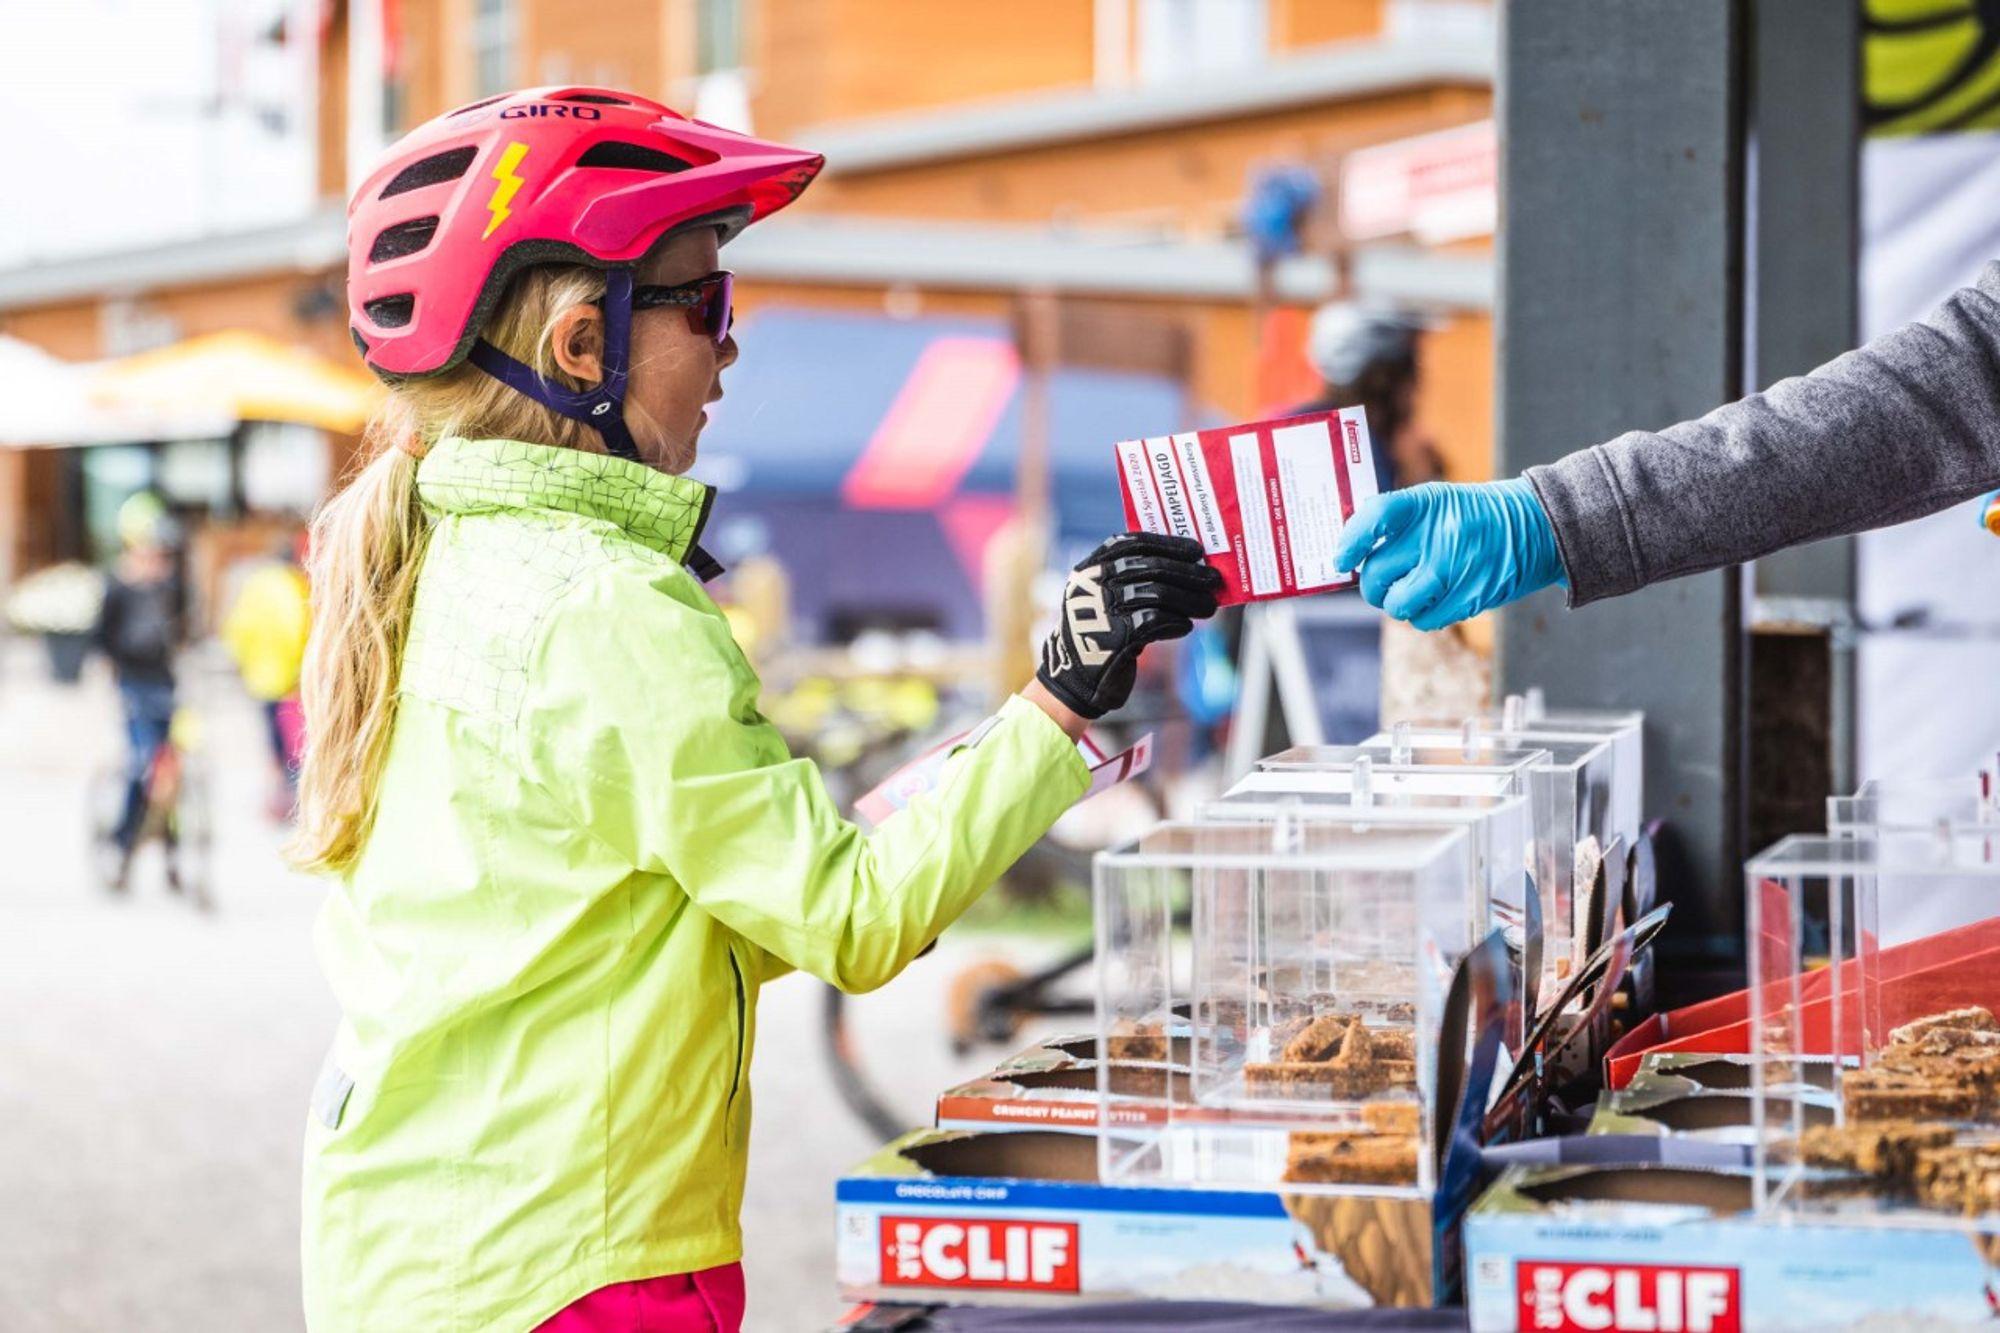 Flumserberg BikerFestival Spezial:   Touren, Tests und Stempeljagd